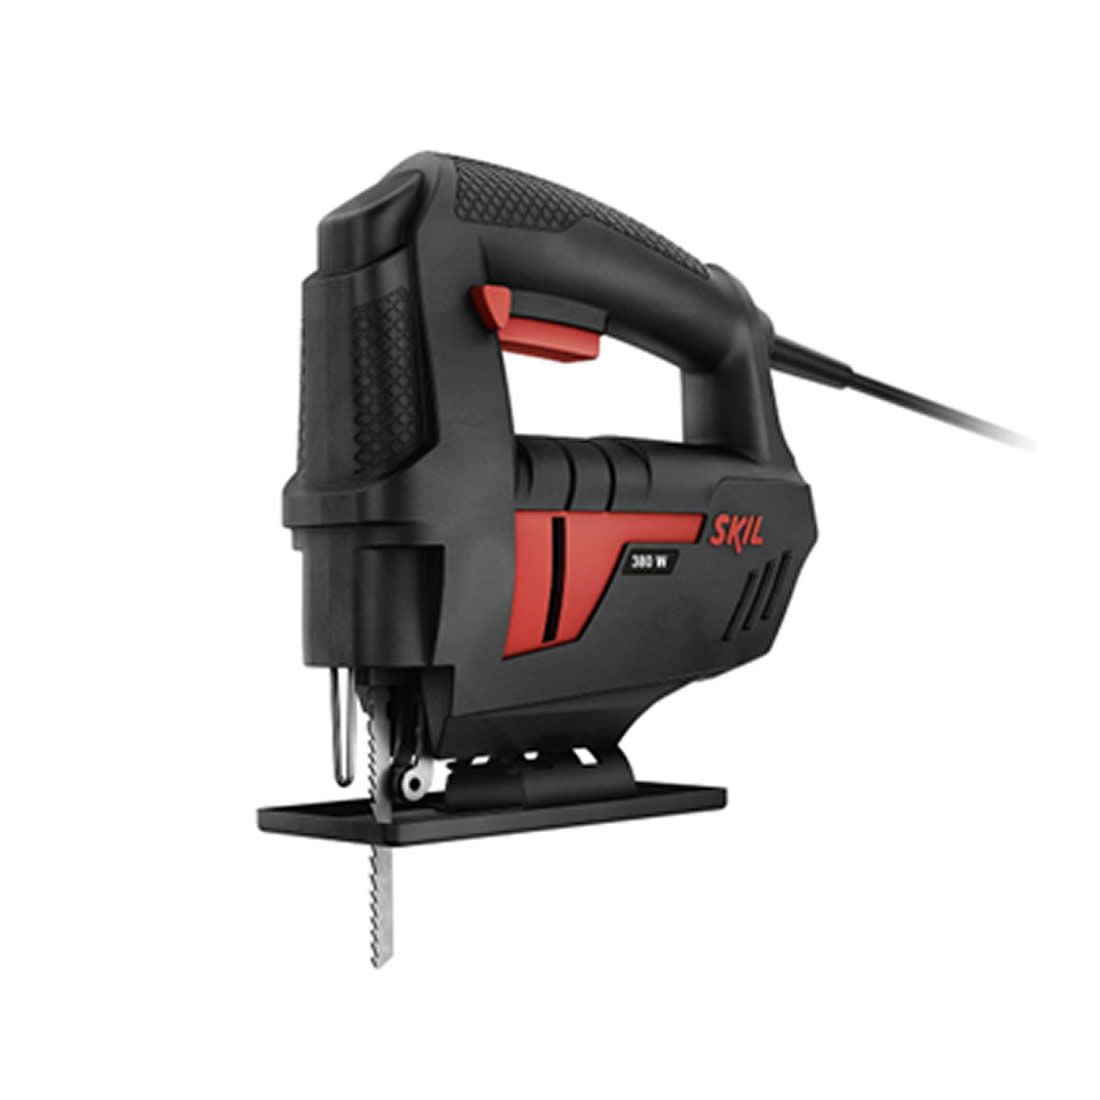 Serra Tico-Tico Skil 380W 220V Ref 4380